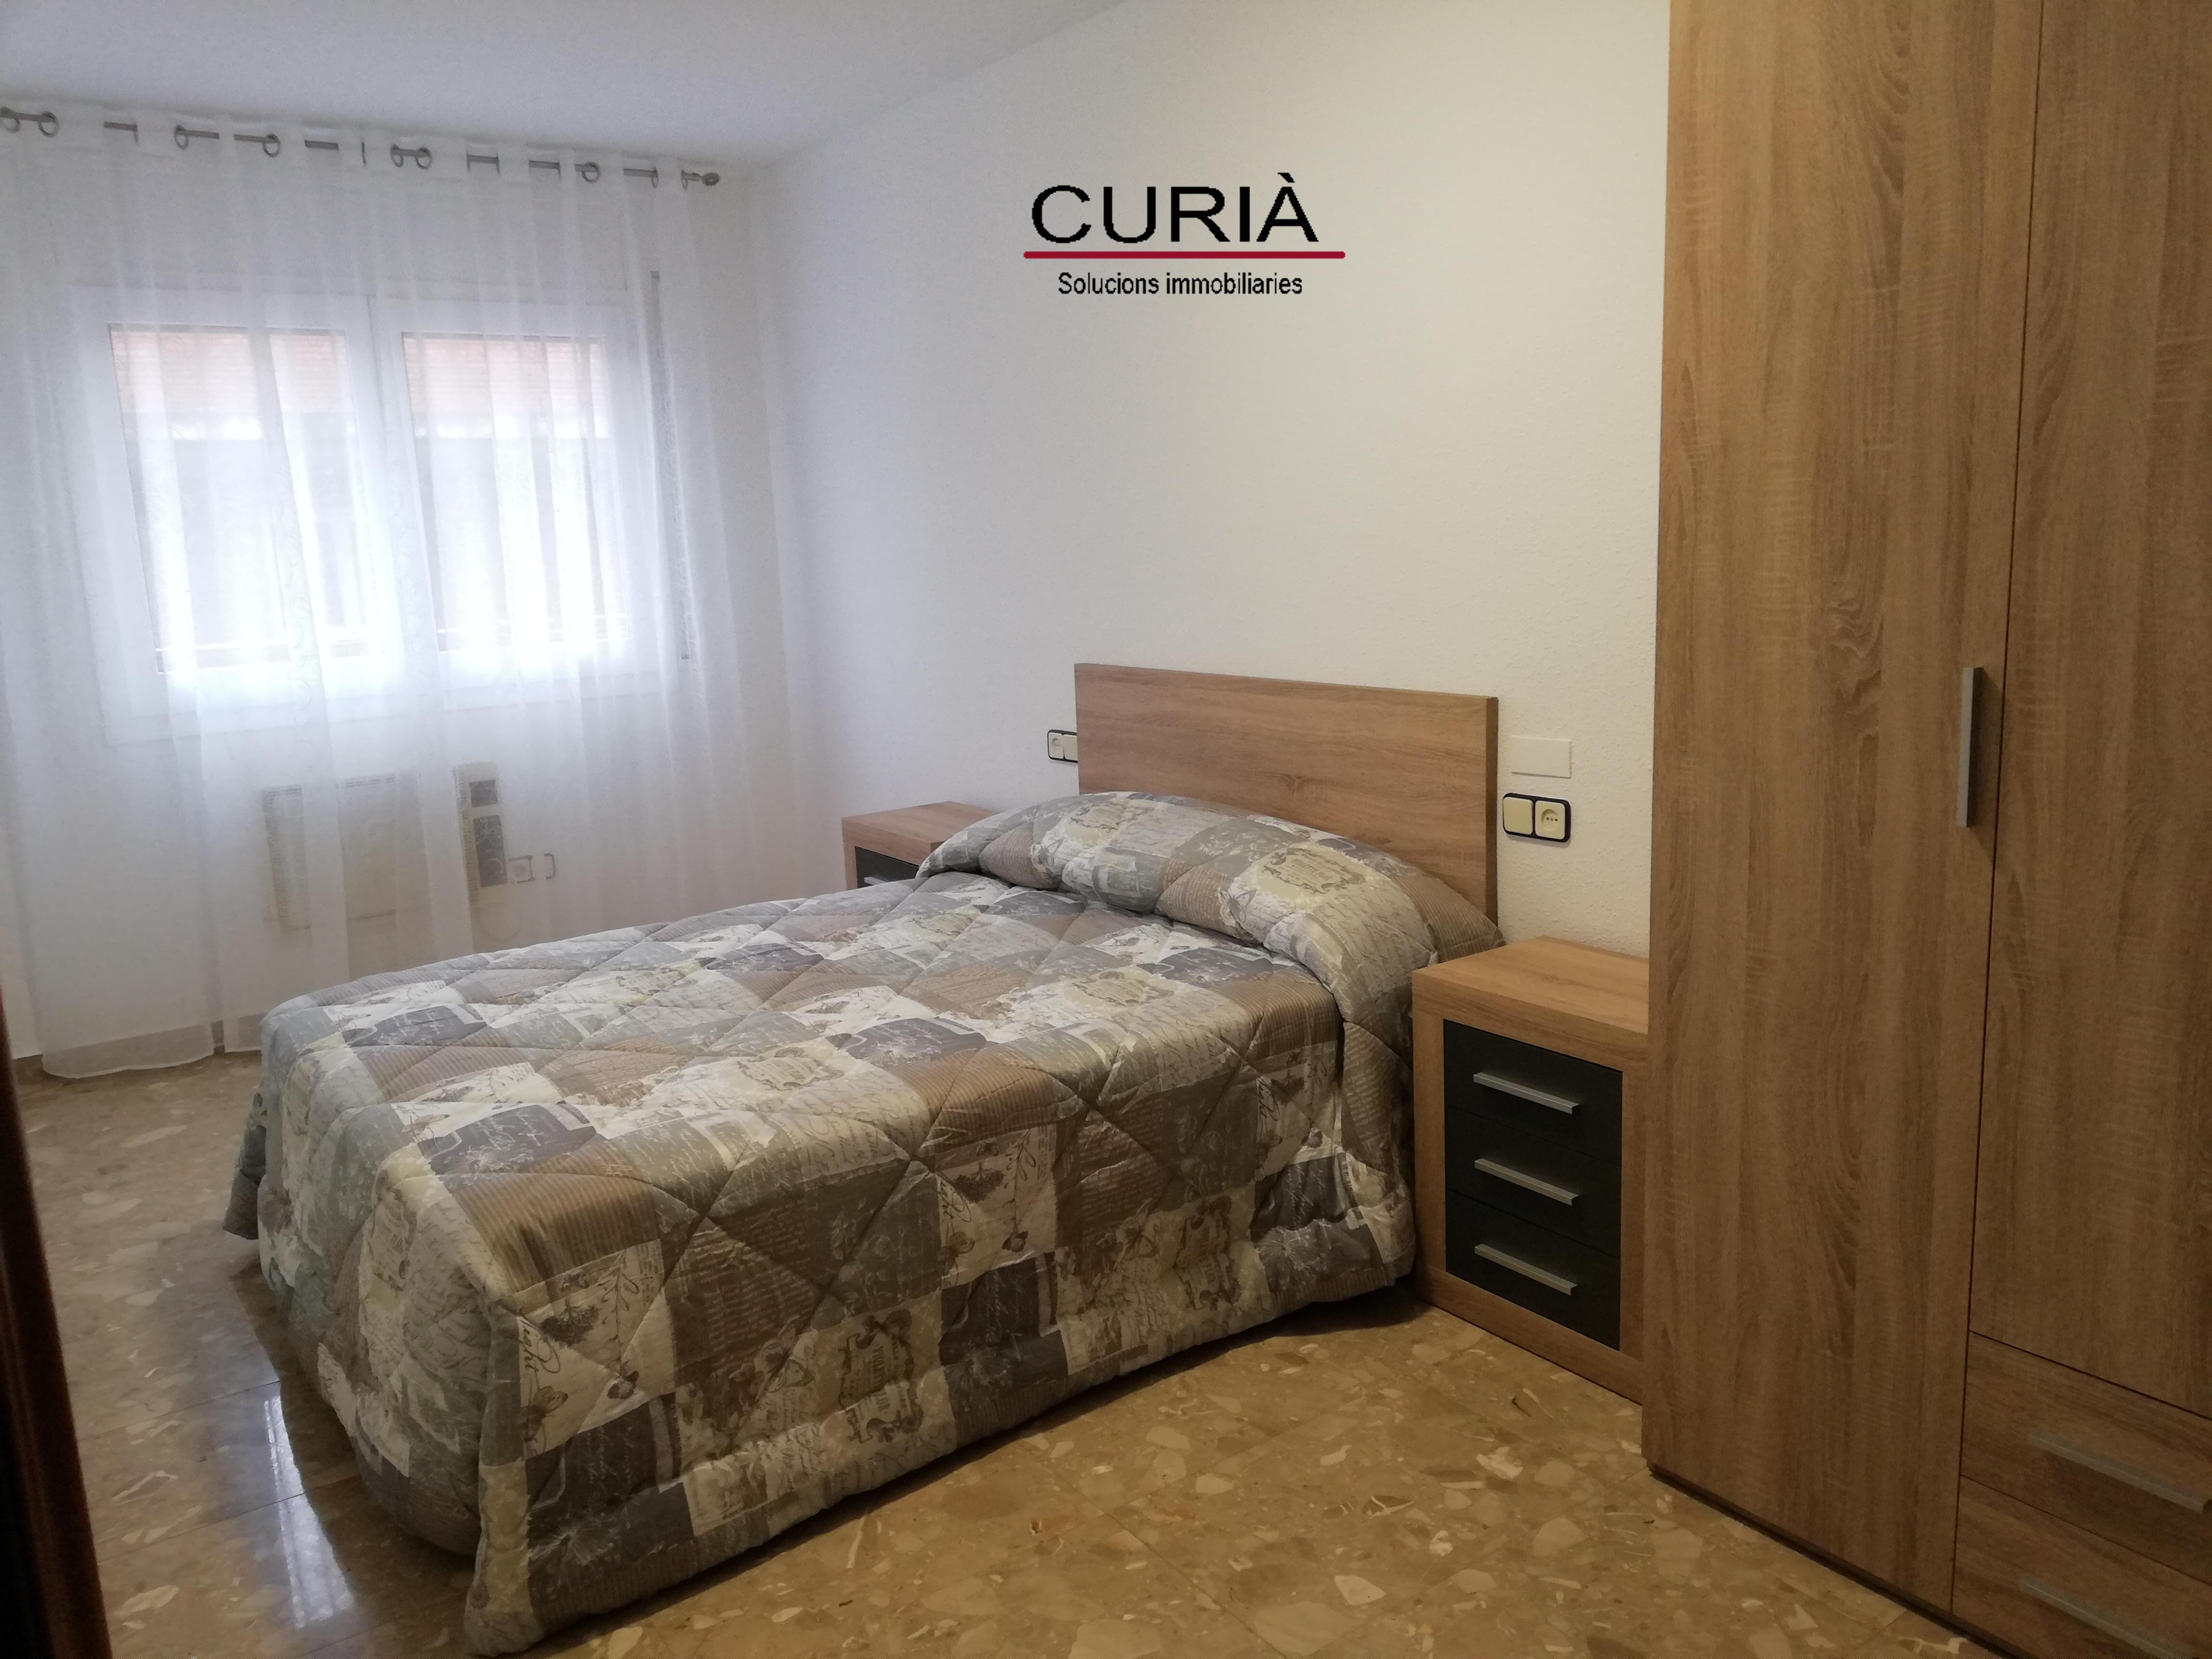 Alquiler Piso  Zona alta amueblada y con párquing incluido. Piso en zona alta con muebles y párquing incluido.